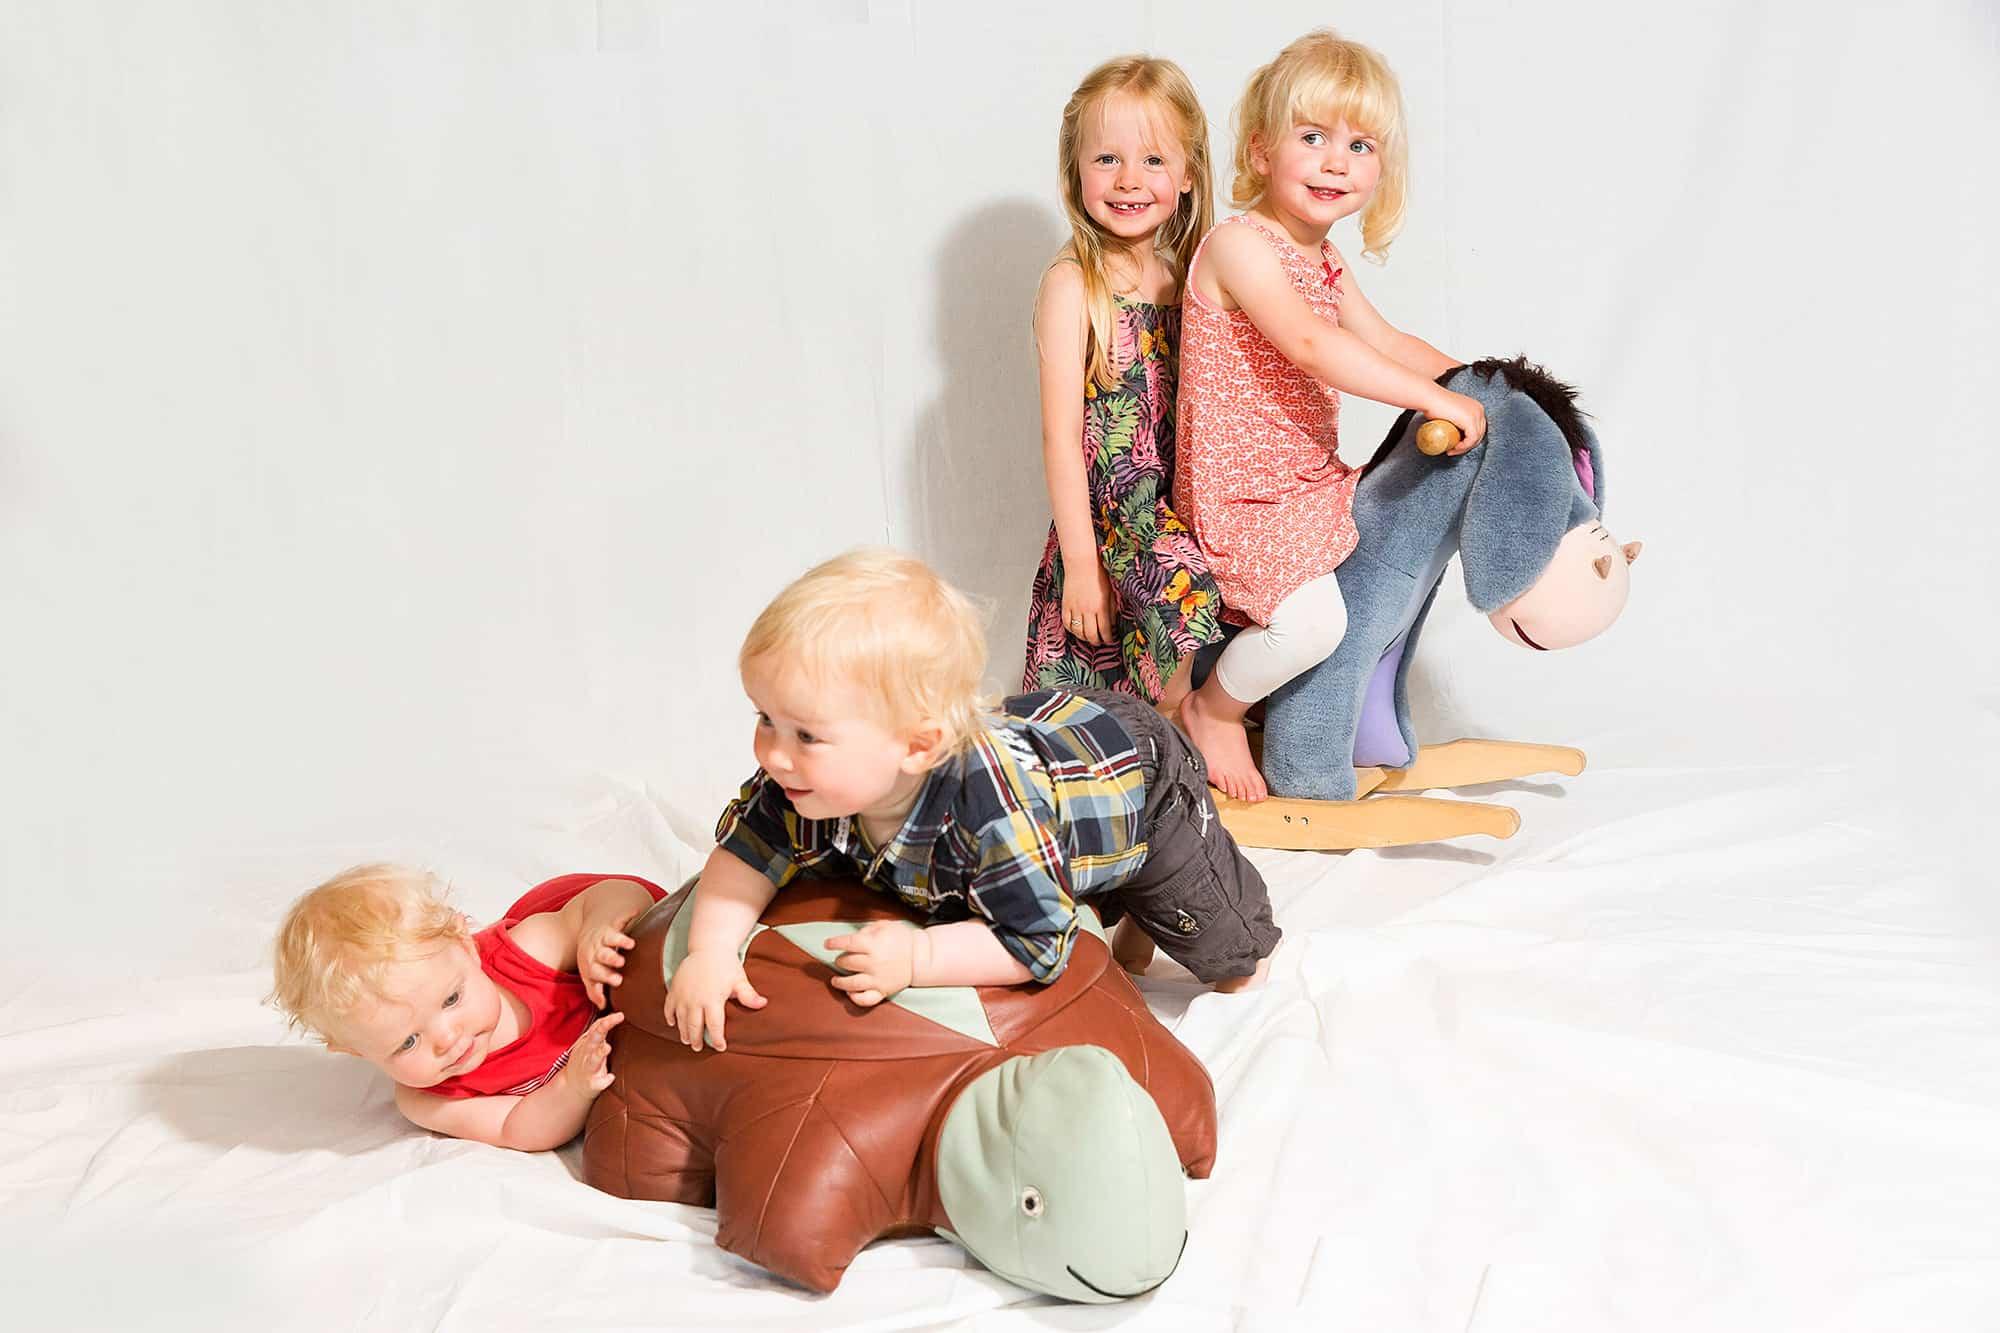 fotoshoot fotostudio thuis familie gezin portret Hoofddorp Nieuw-Vennep